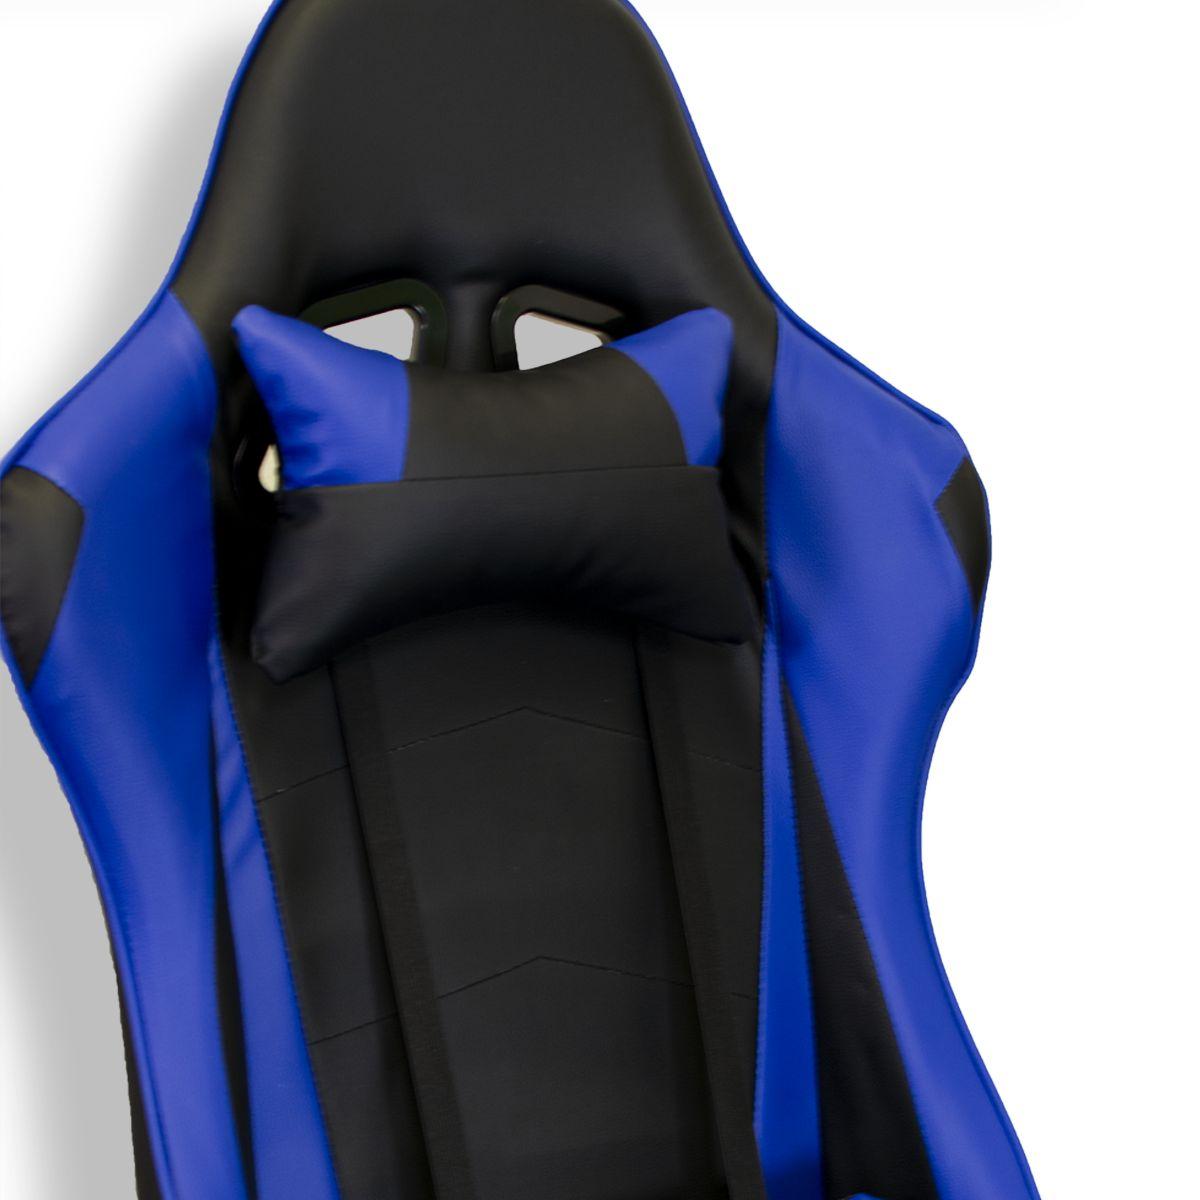 miniatura 42 - Sedia Poltrona da Gaming per Ufficio reclinabile Imbottita ergonomica GTX RTX